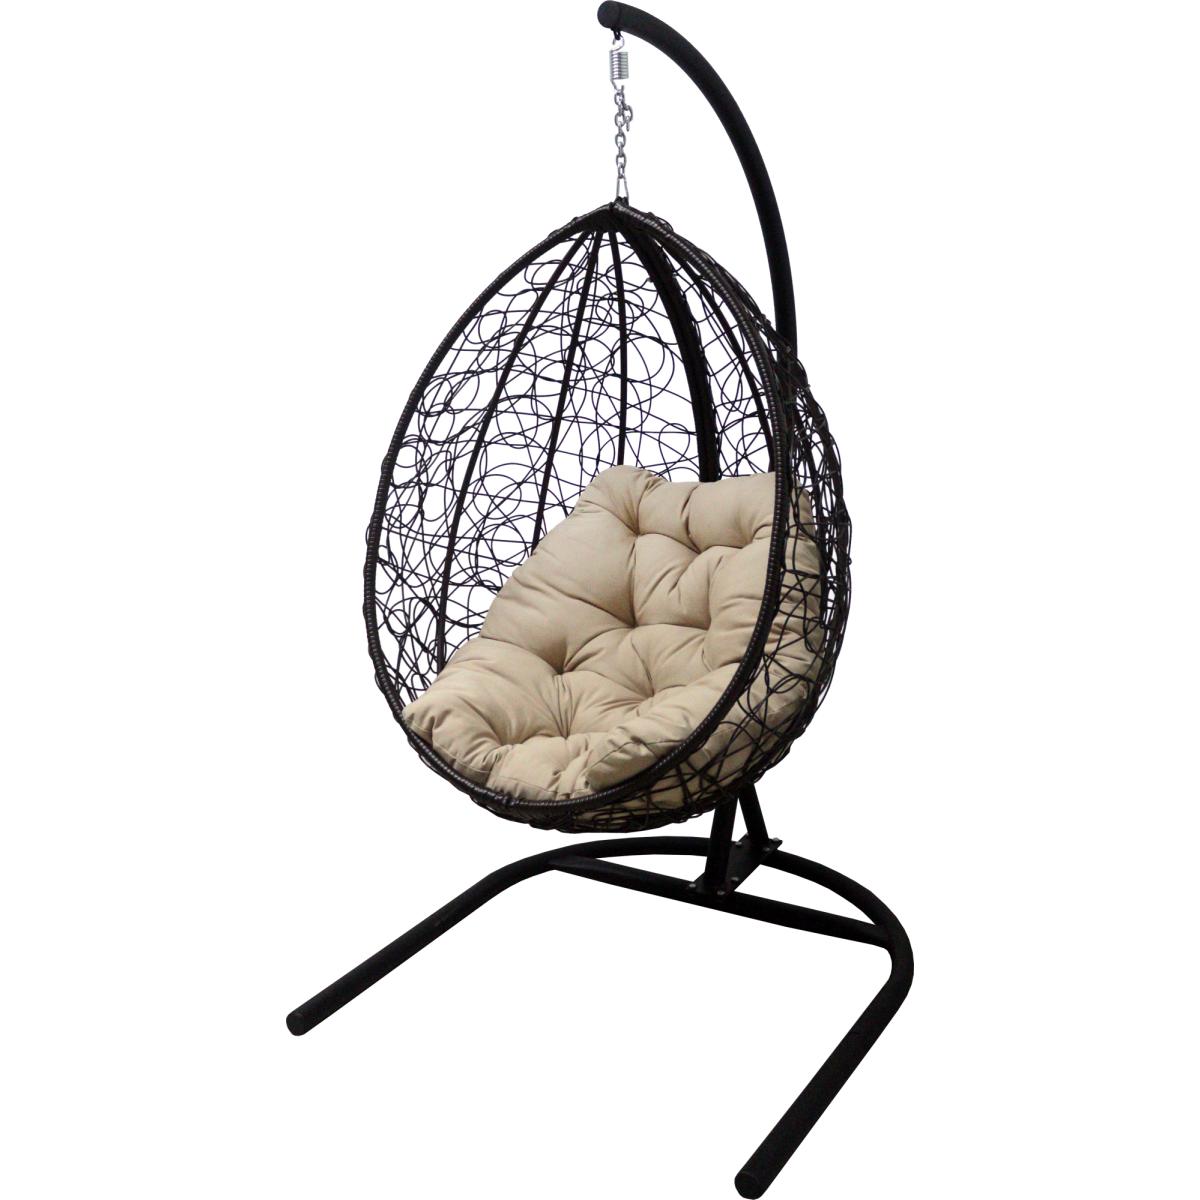 Кресло Подвесное С Опорой Veil Эконом 102x200x126 Искусственный Ротанг Темно-Коричневый/Бежевый